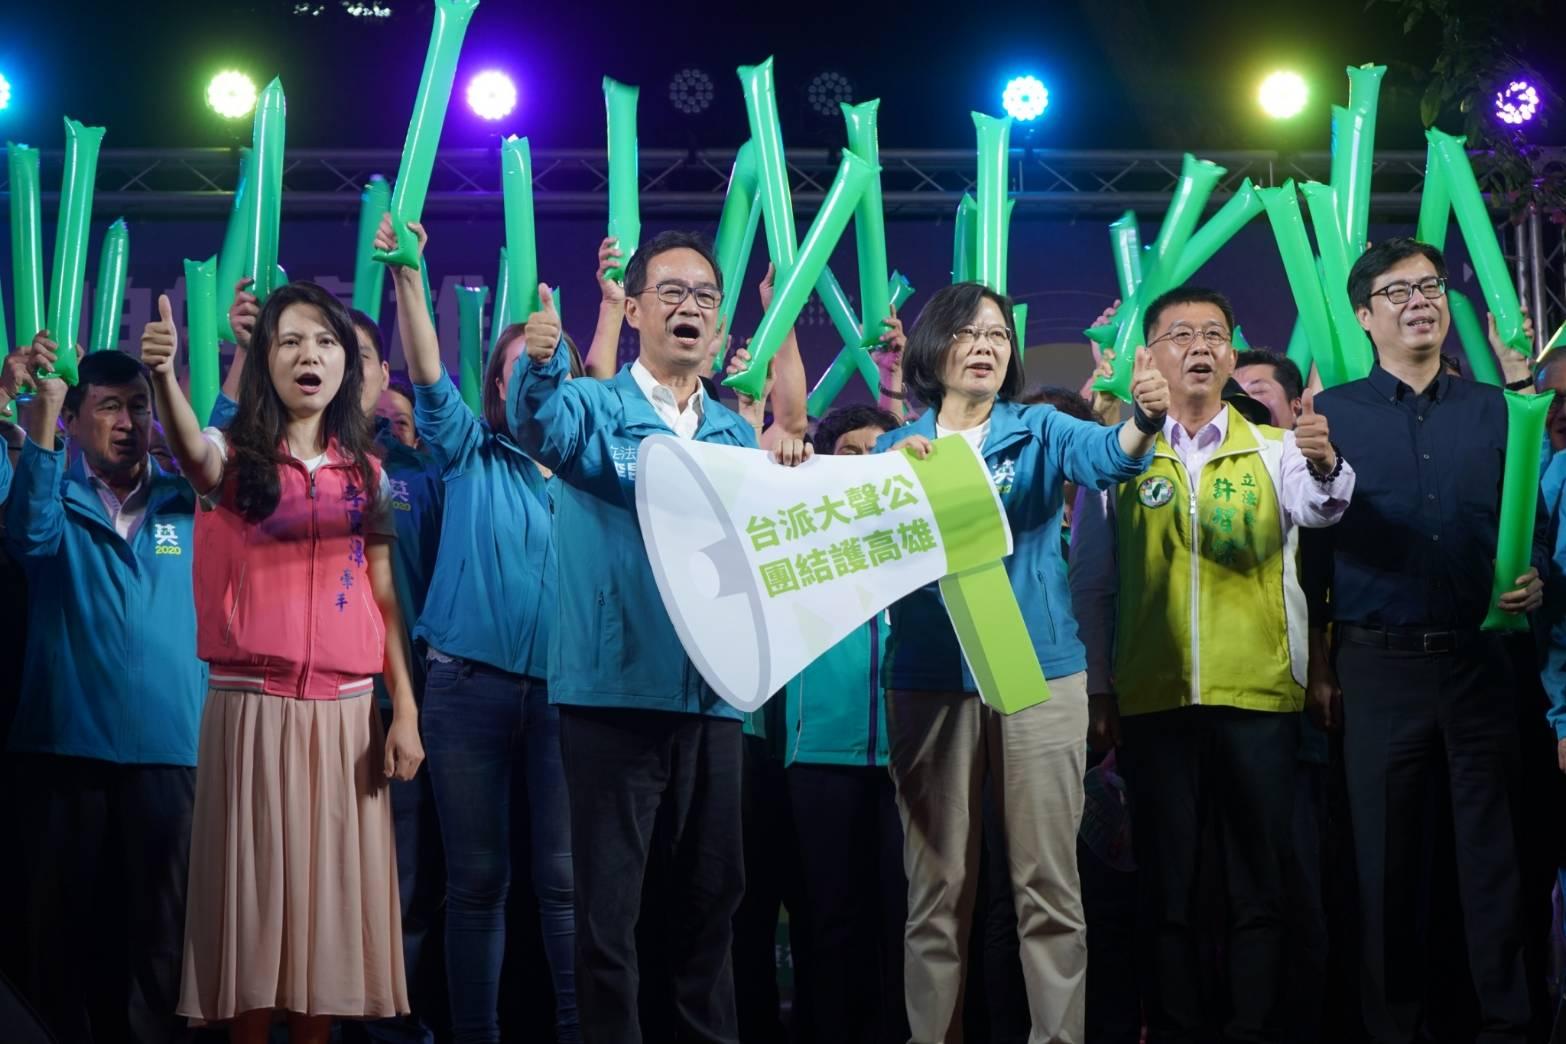 總統蔡英文(右三)、行政院副院長陳其邁(右一)、立委許智傑(右二)和多名民進黨籍市議員皆出席活動。(圖/徐炳文攝)